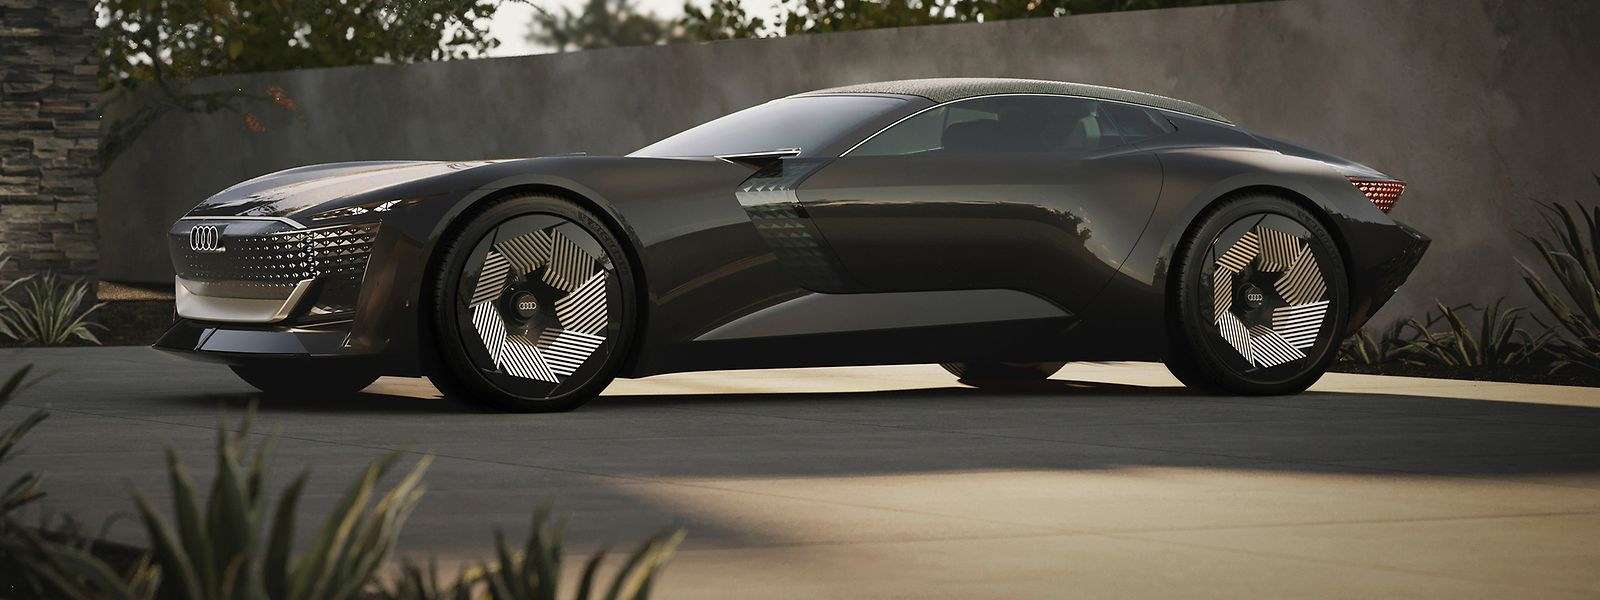 Das Skysphere Concept Car soll Audi im Segment der Luxusroadster ganz nach vorne bringen.